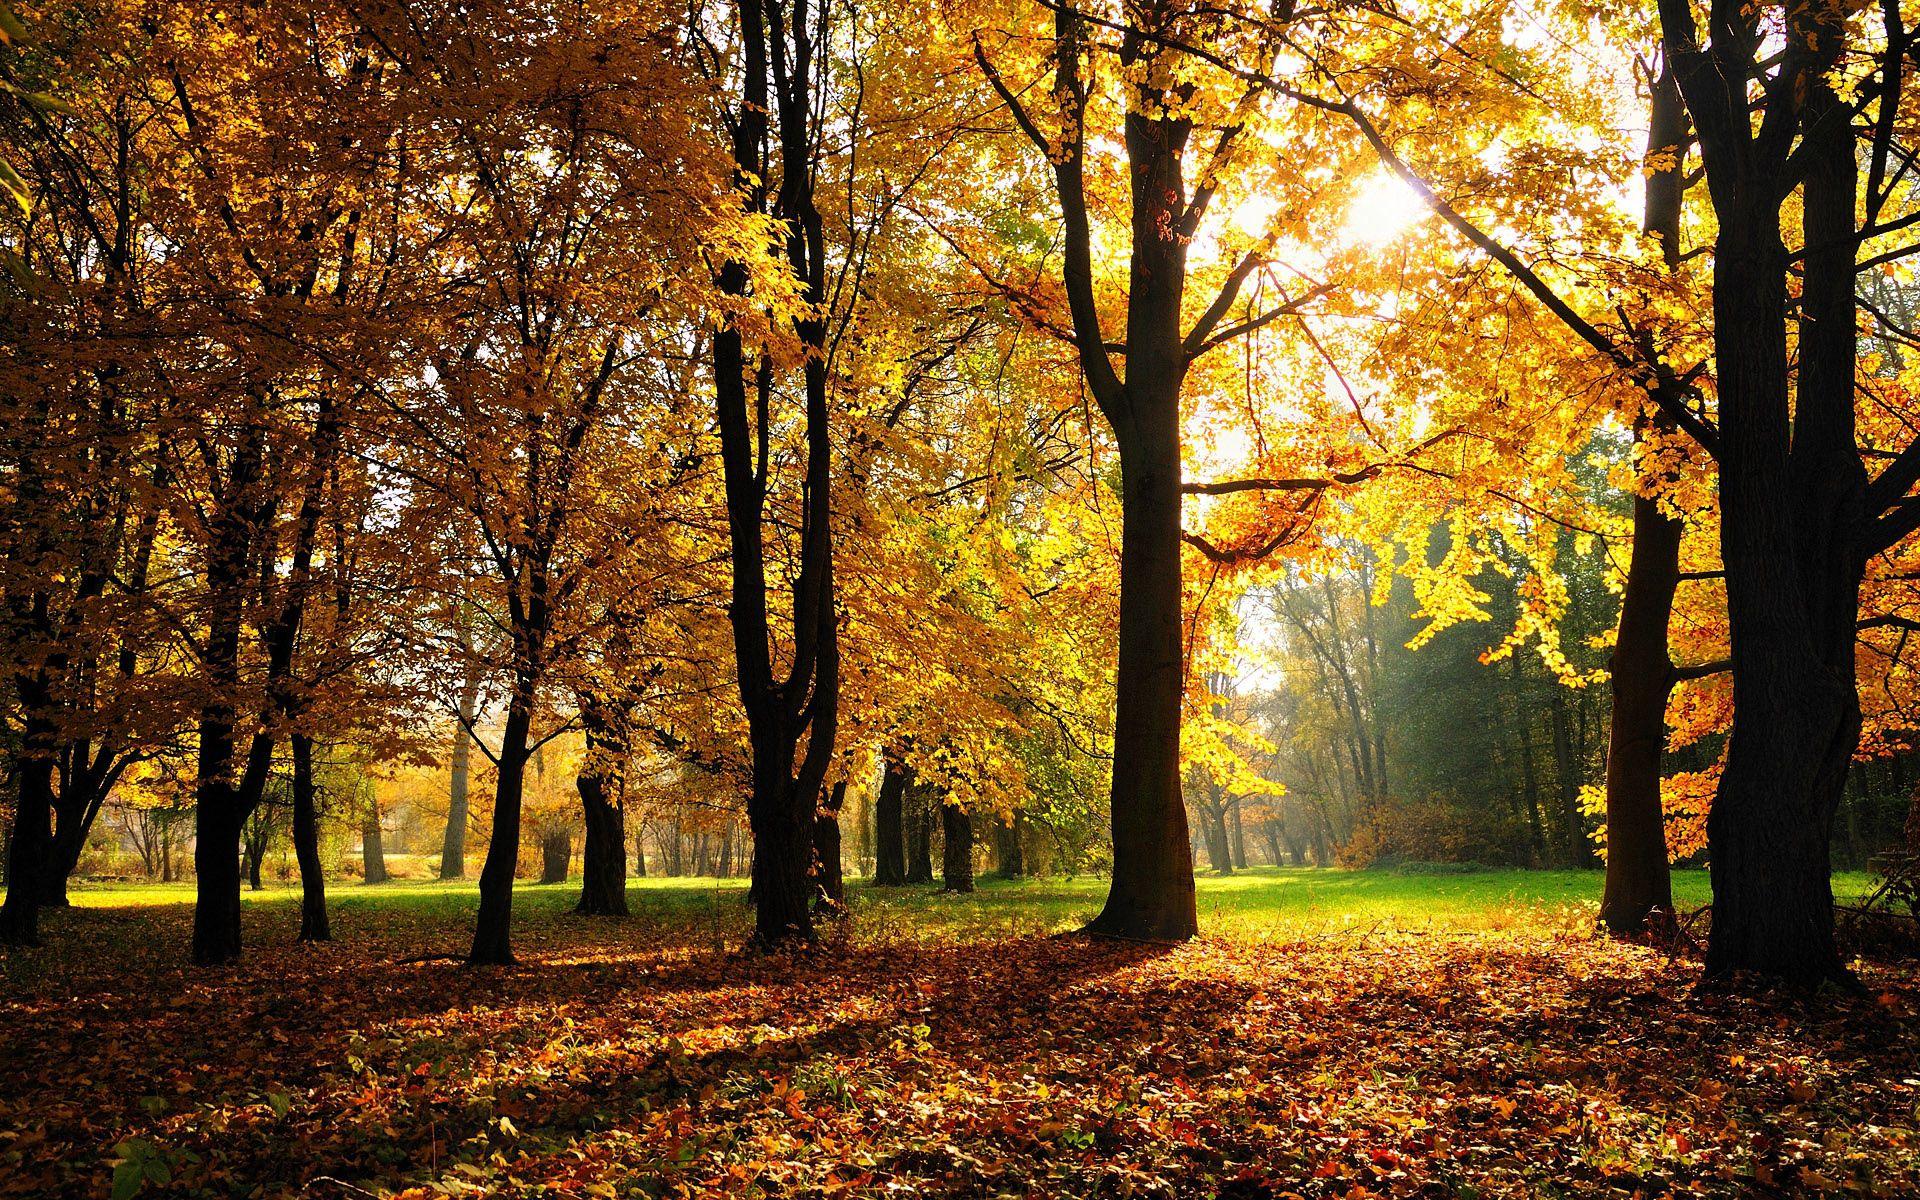 72495 завантажити шпалери Осінь, Природа, Дерева, Світло, Світлий - заставки і картинки безкоштовно